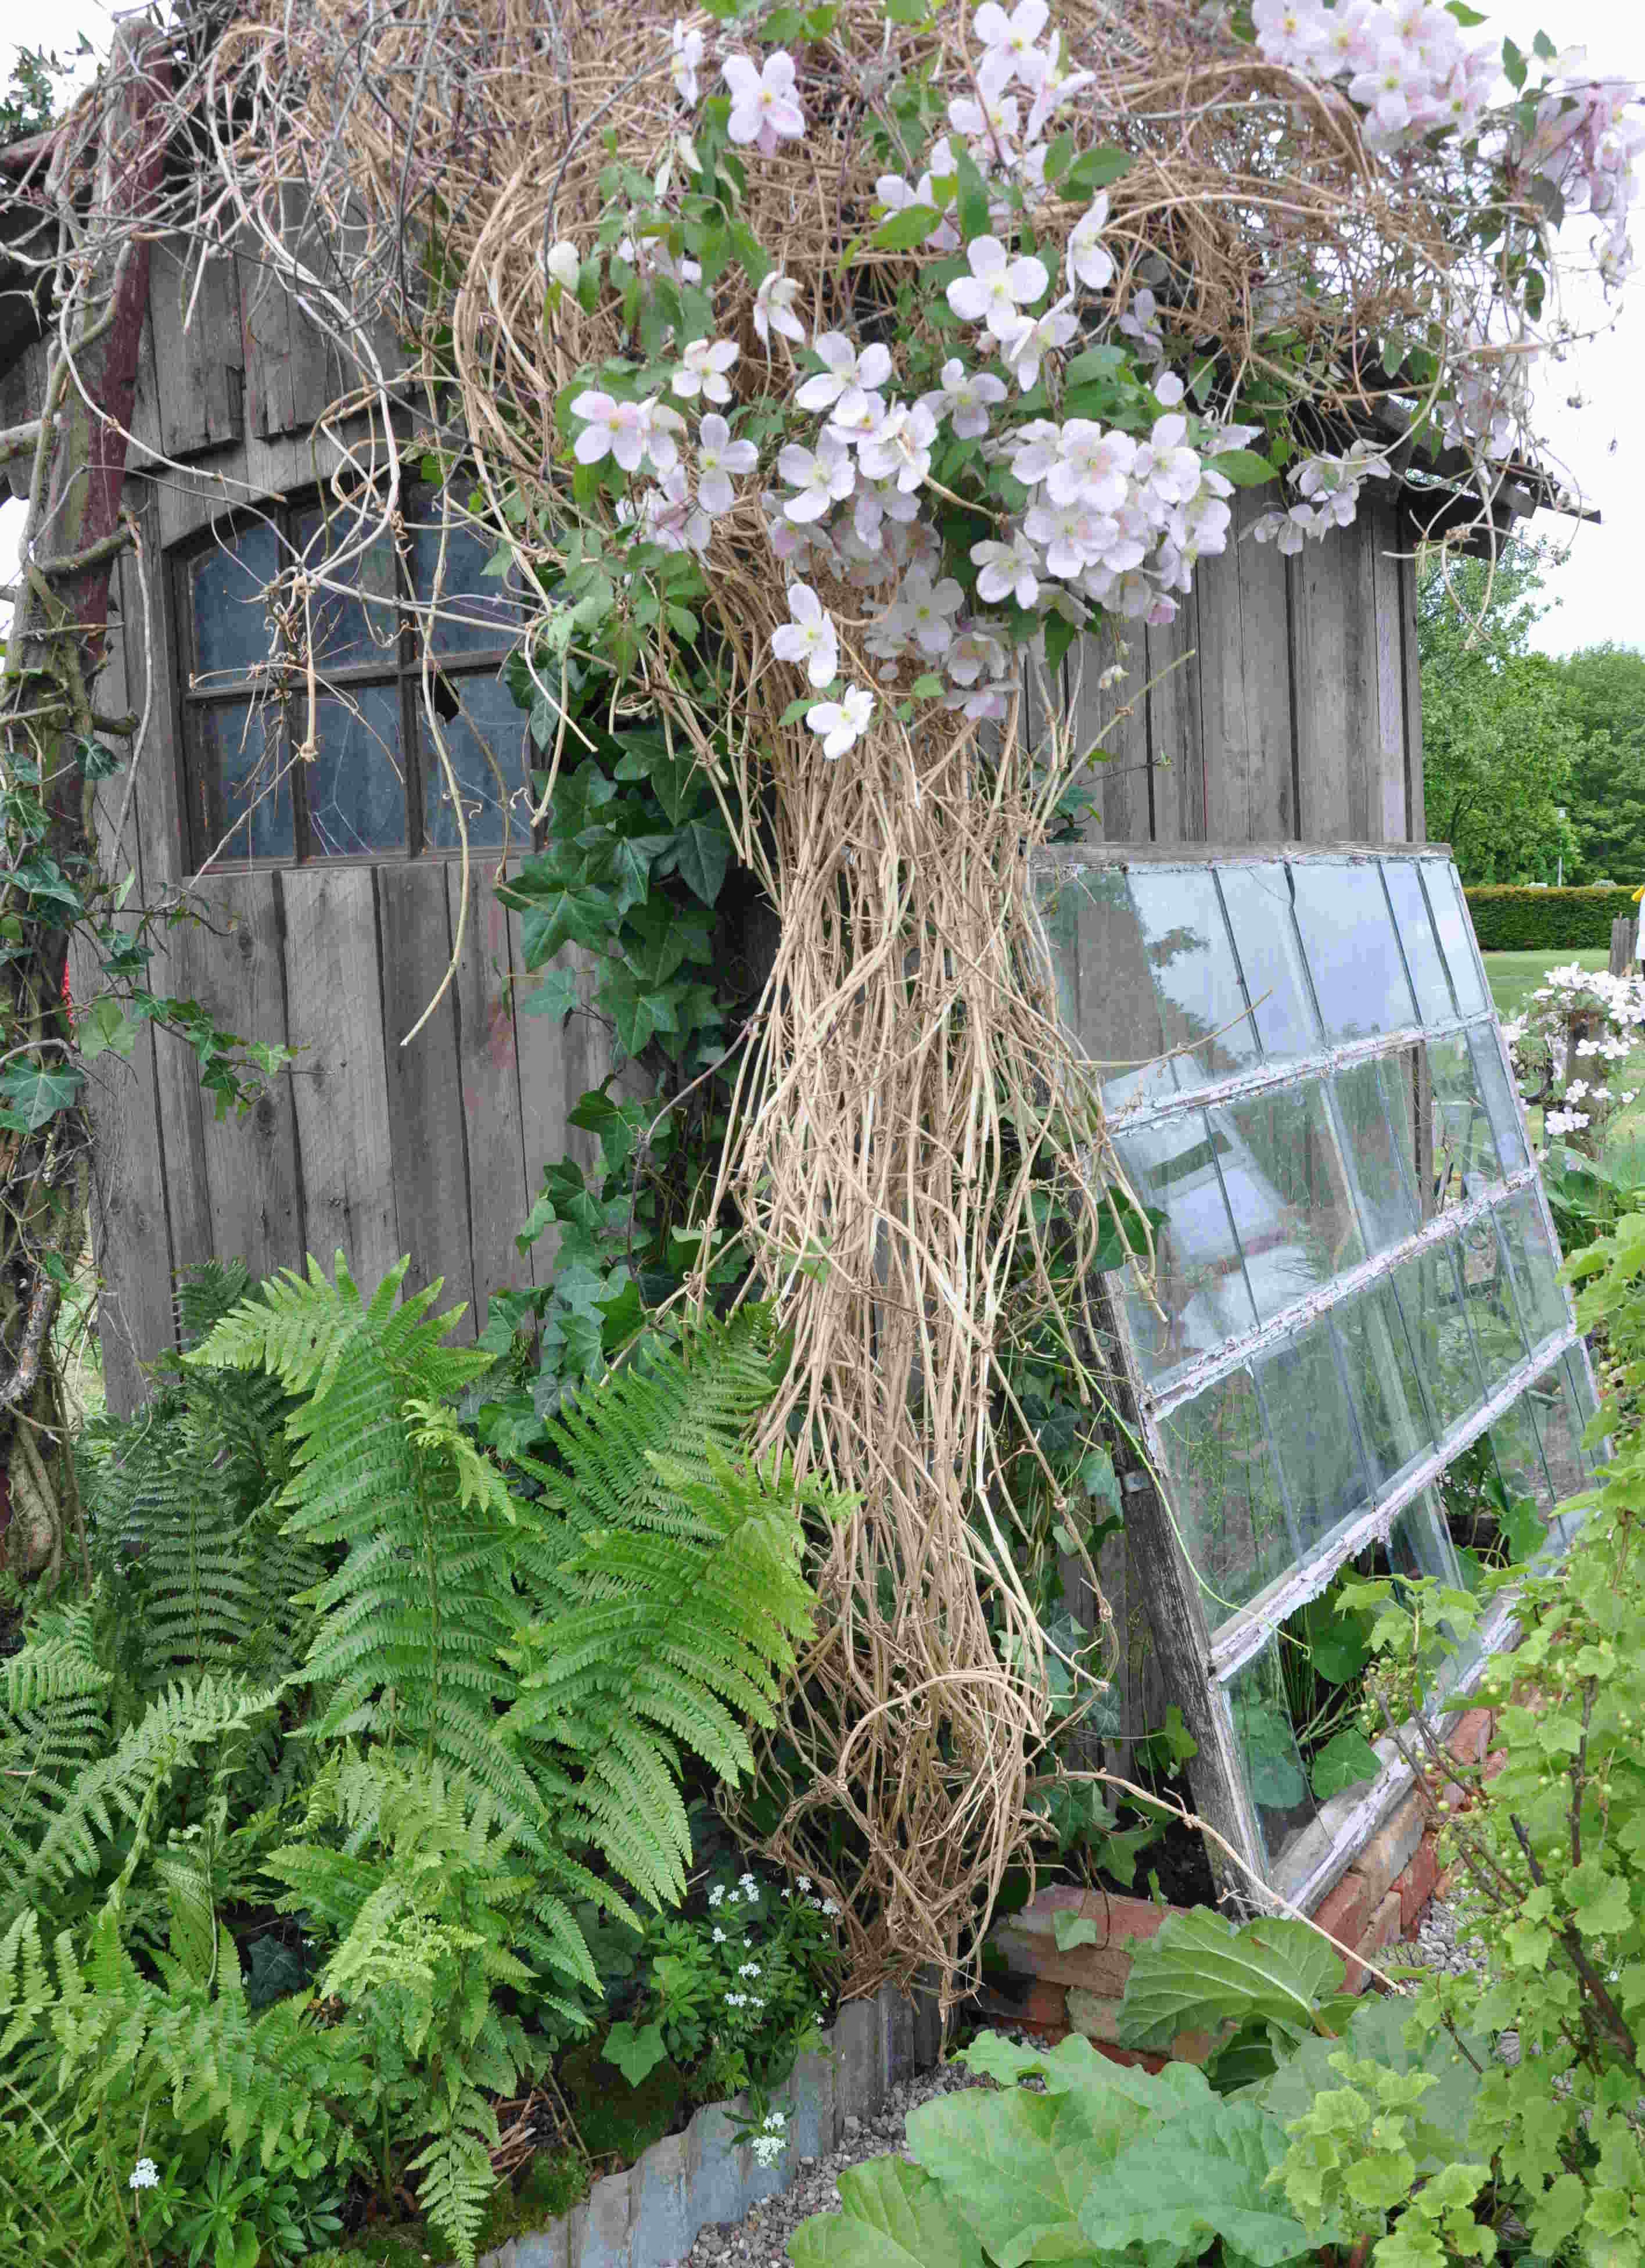 Ett gammalt trädgårdsskjul står övergivet och lutar.